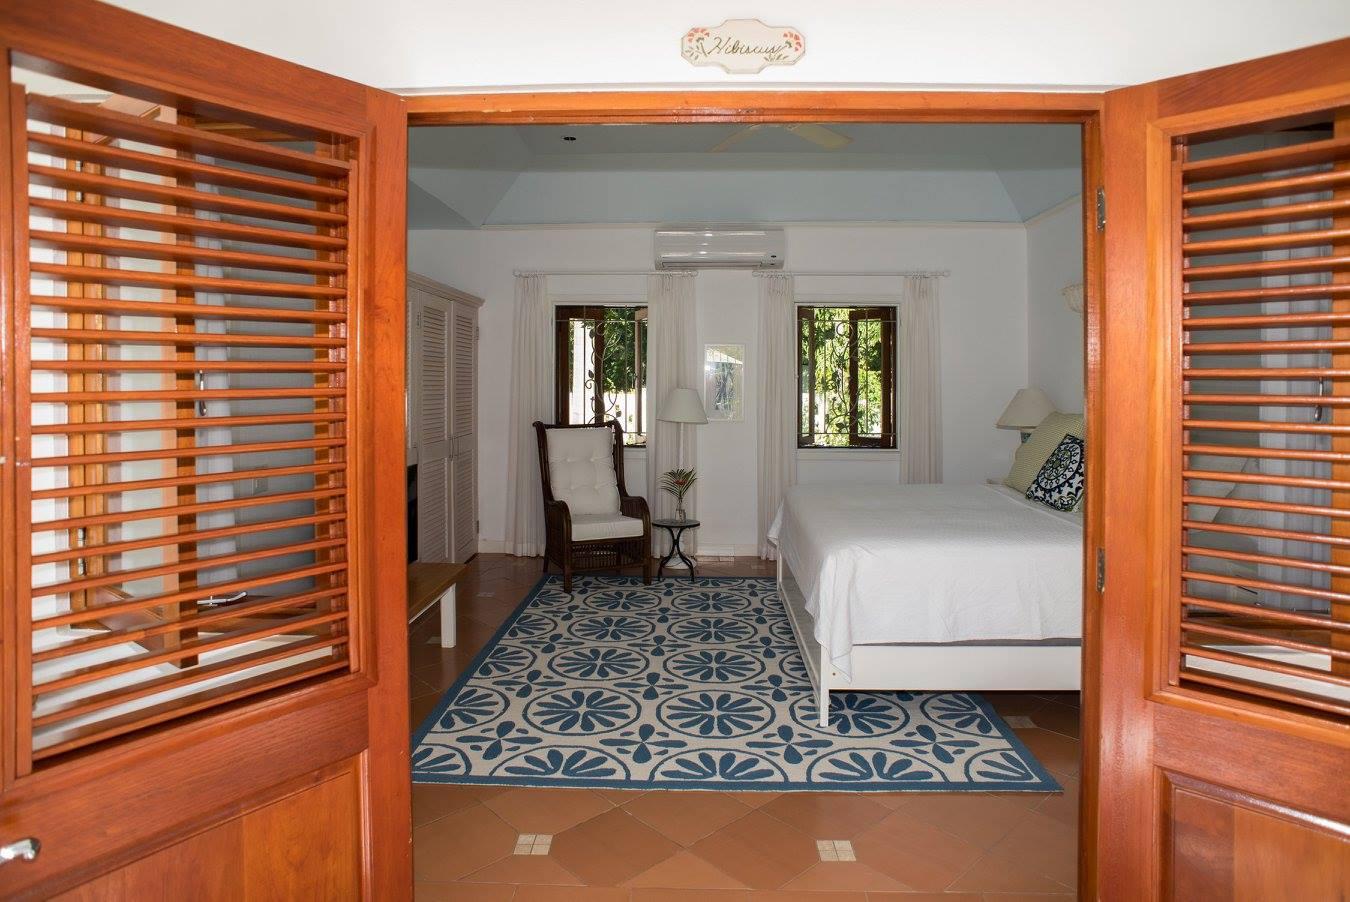 doors open to the bedroom